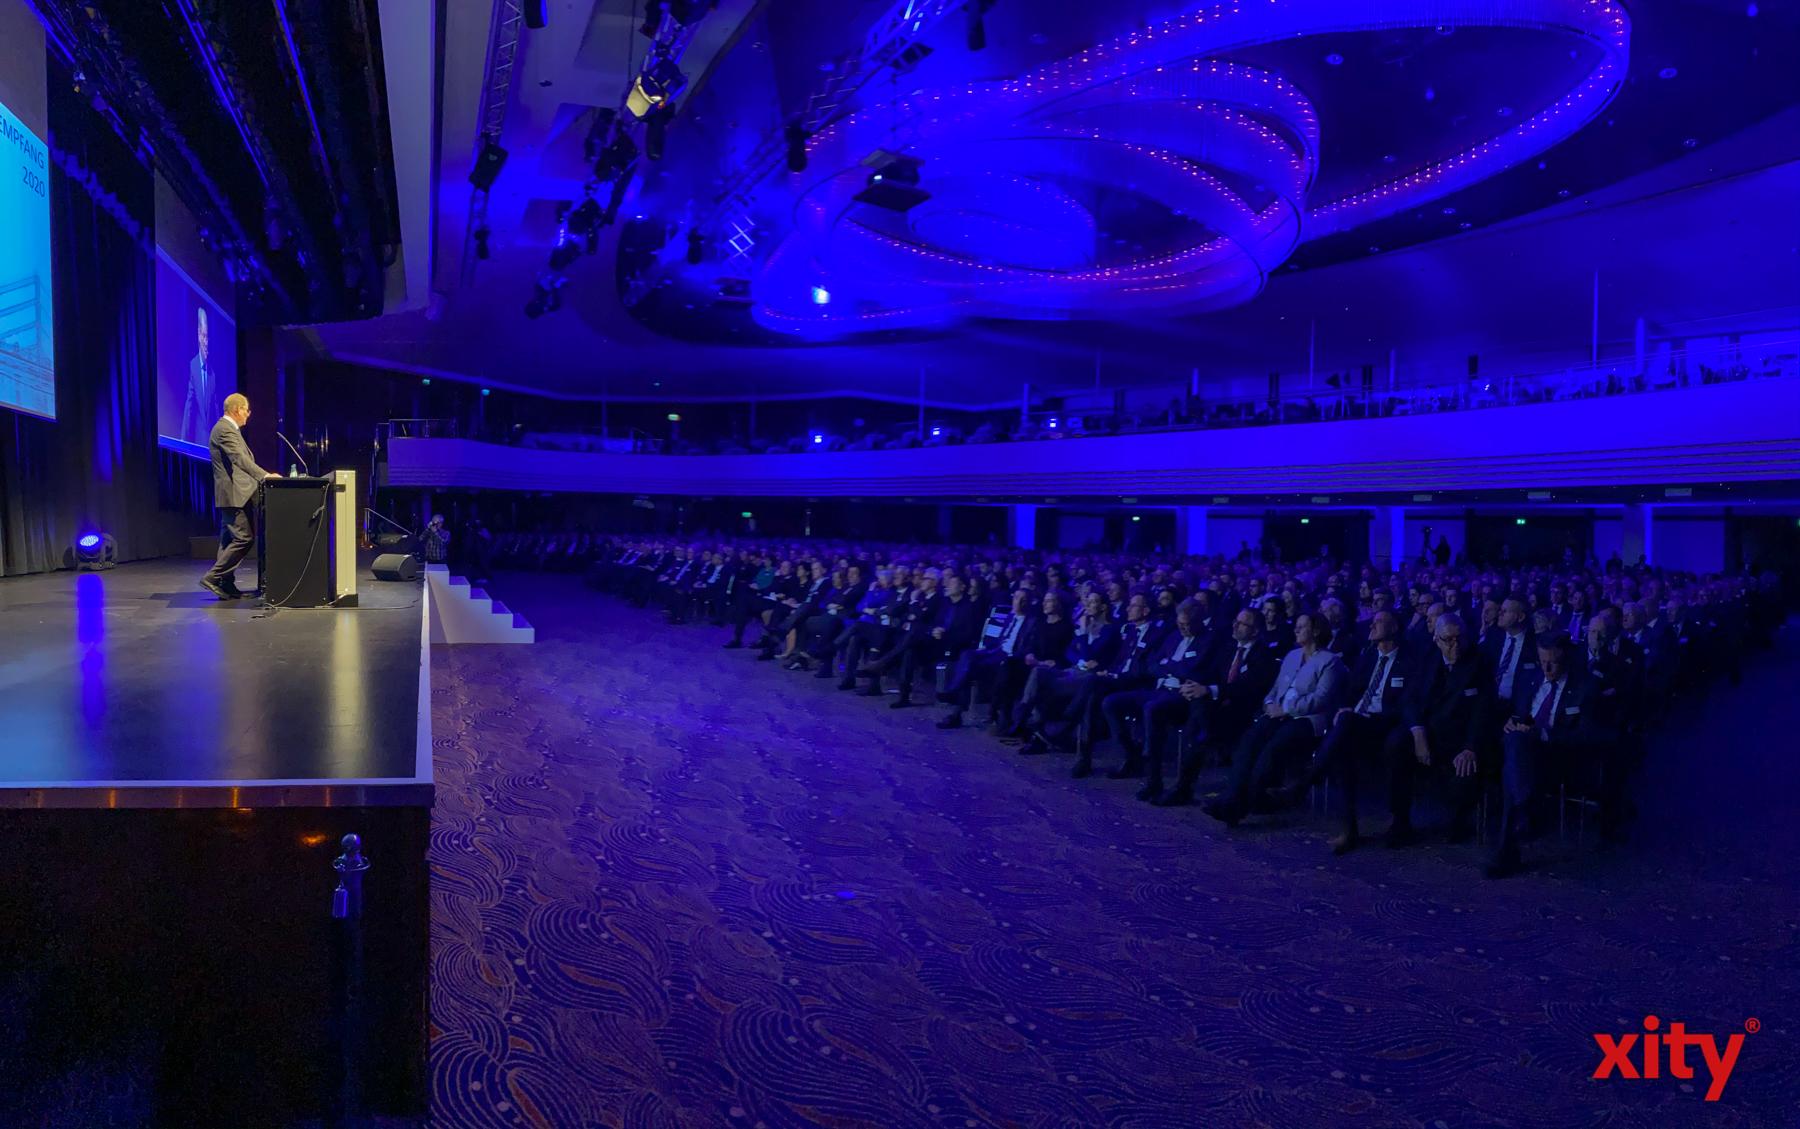 Die IHK zeigte sich beim Jahresempfang entschlossen, die Herausforderungen des neuen Jahres anzugehen (Foto: xity)